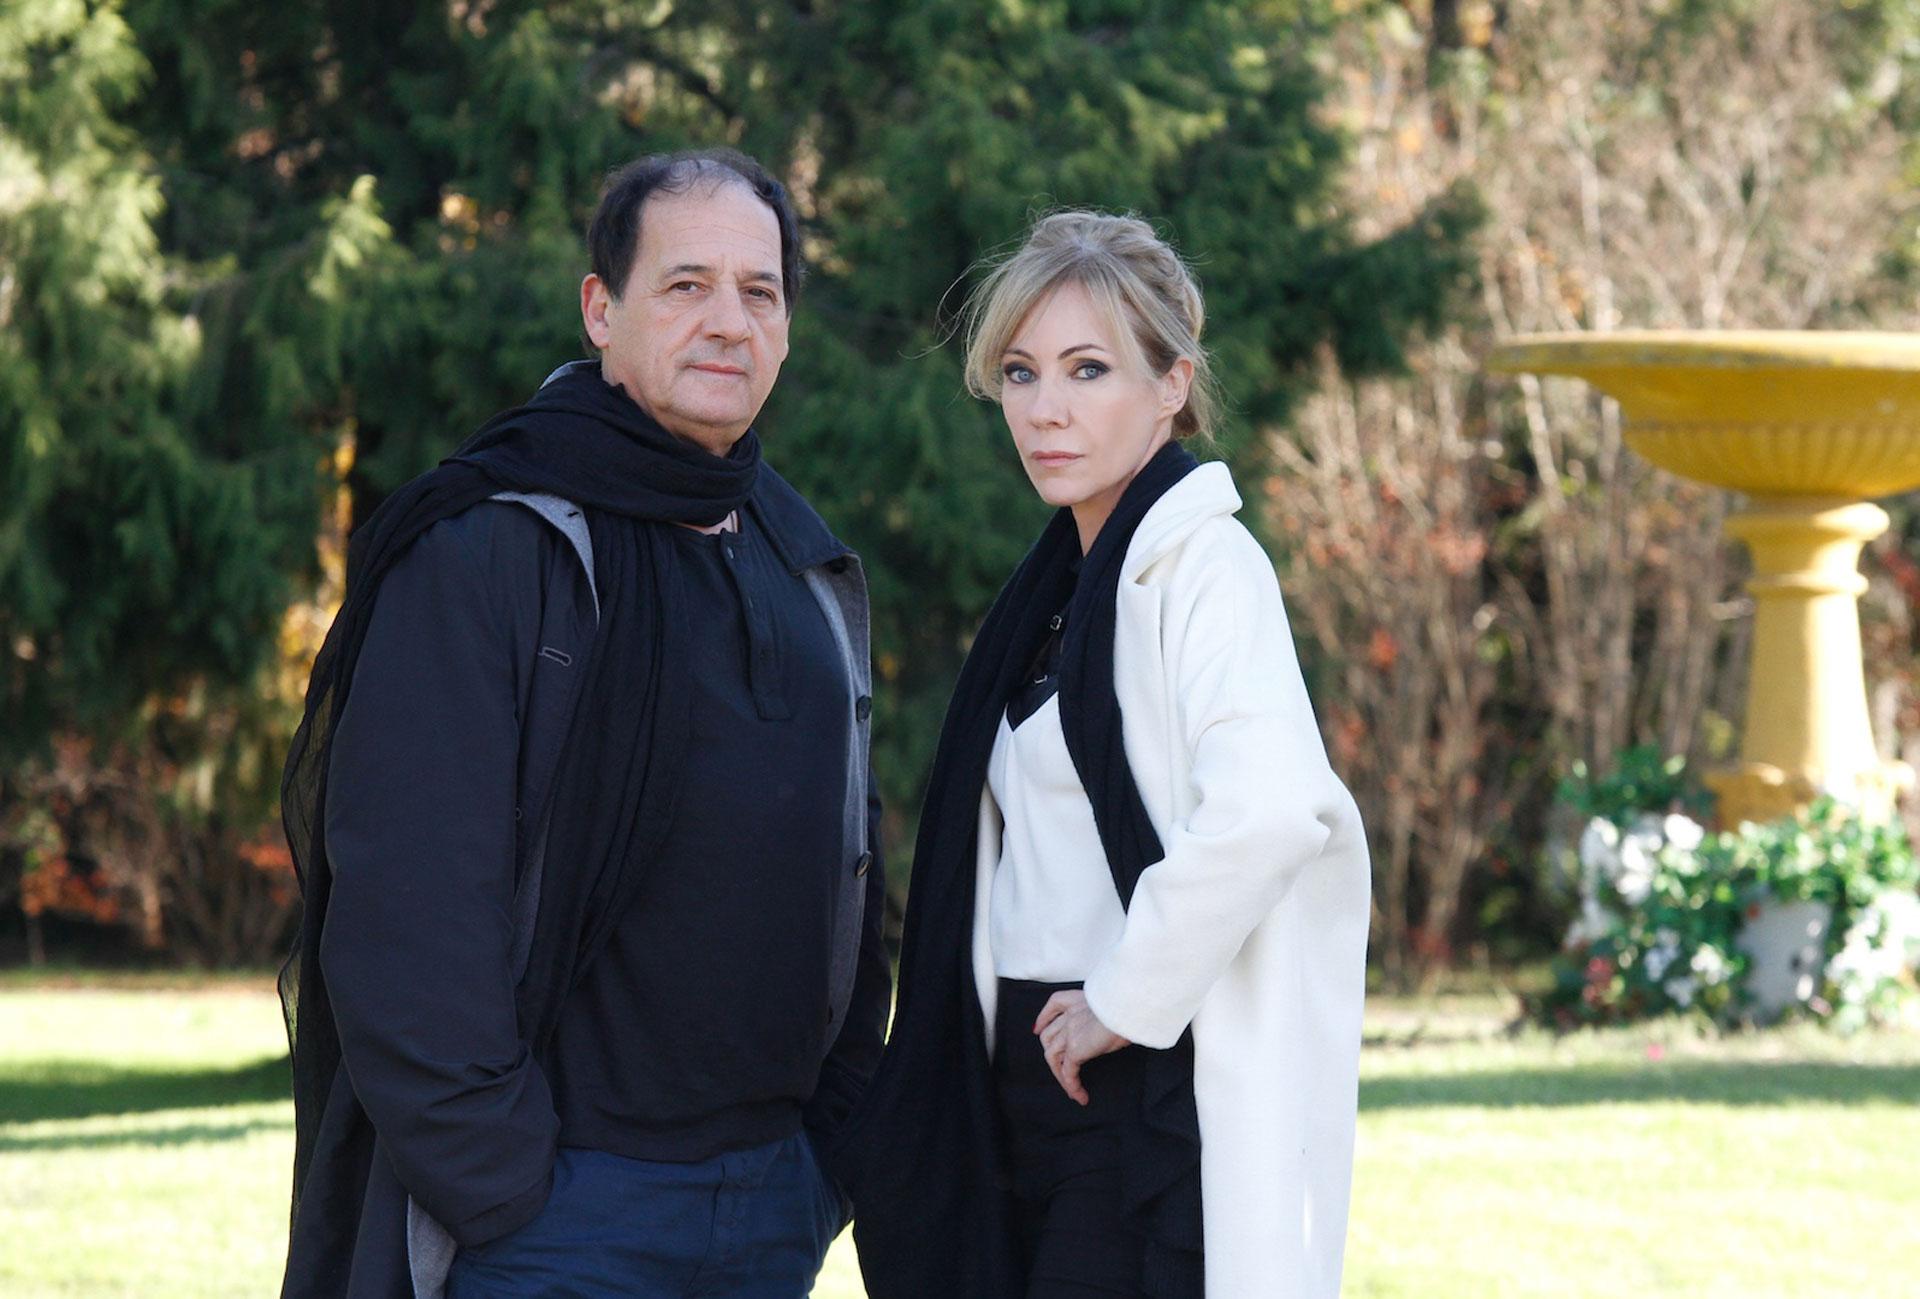 """""""El Maestro"""", unitario protagonizado por Julio Chávez e Inés Estevez, debutó con un buen promedio: 13,5 puntos de rating. La nueva miniserie es producida por El Trece, TNT, Cablevisión y Pol-ka"""